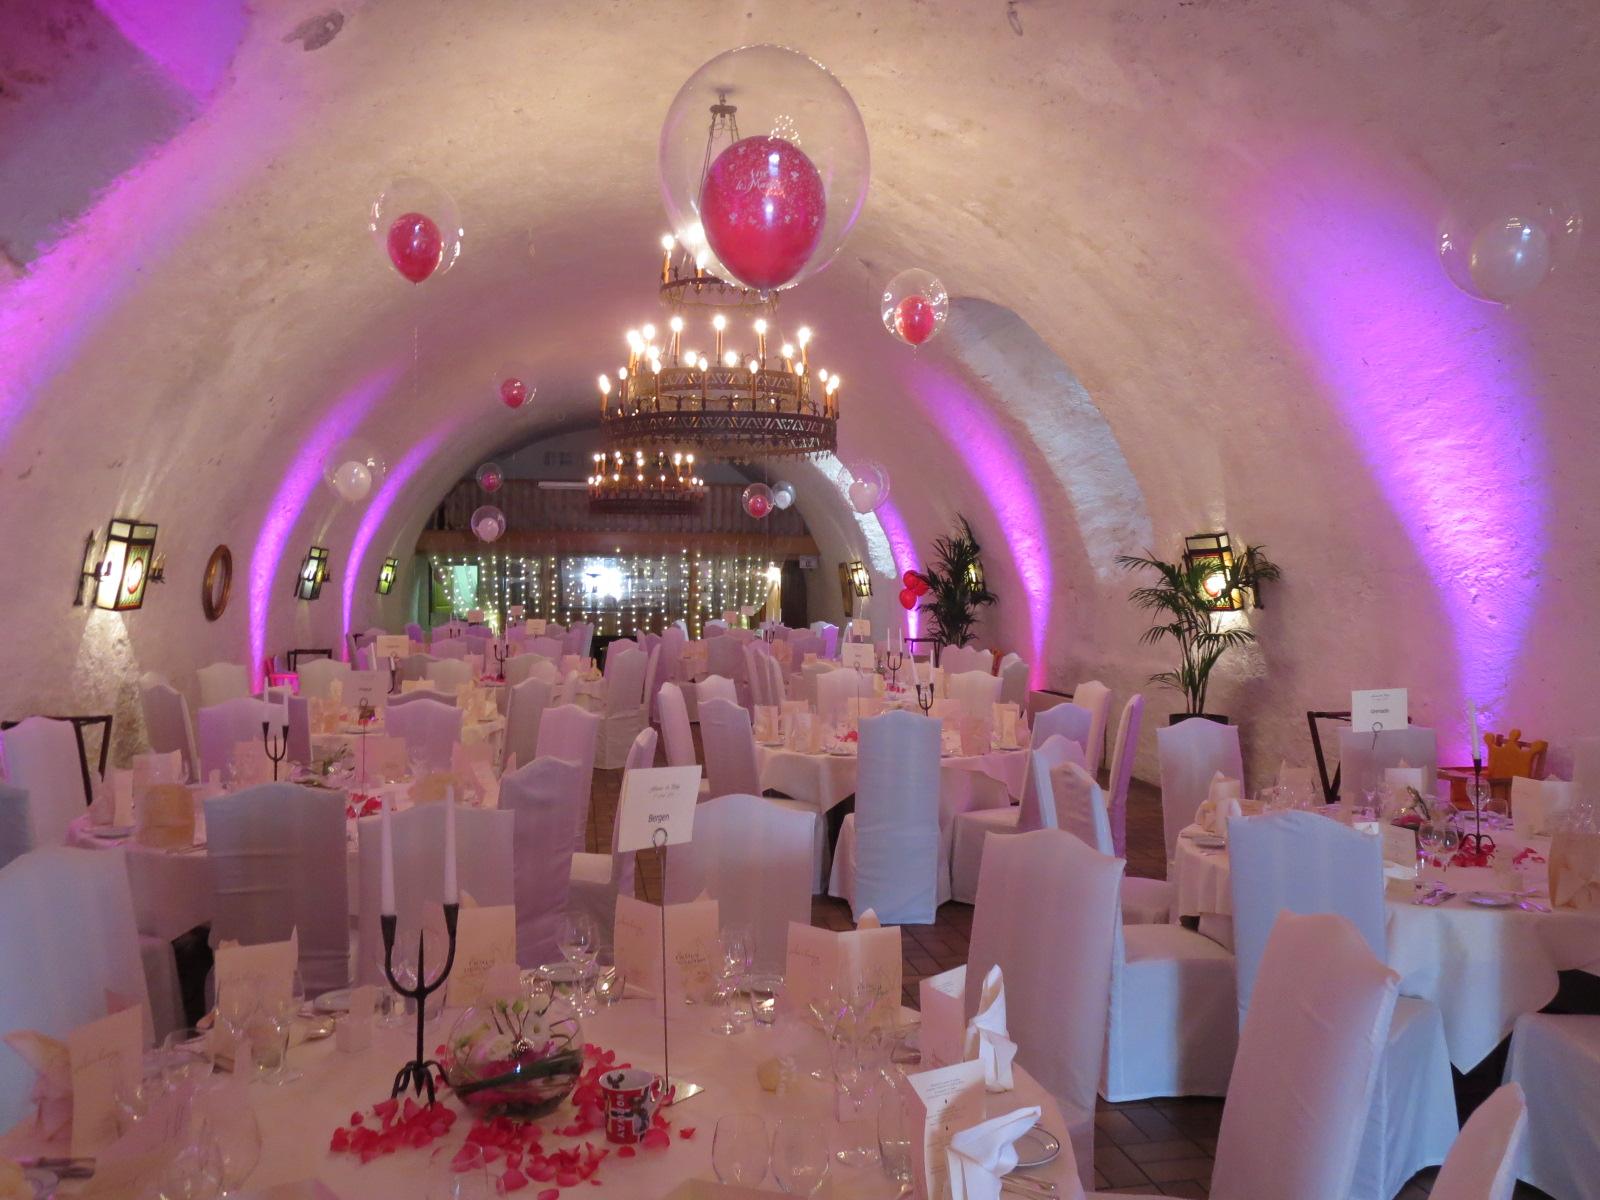 mariage pour des soires russies - Grossiste Decoration Mariage ...